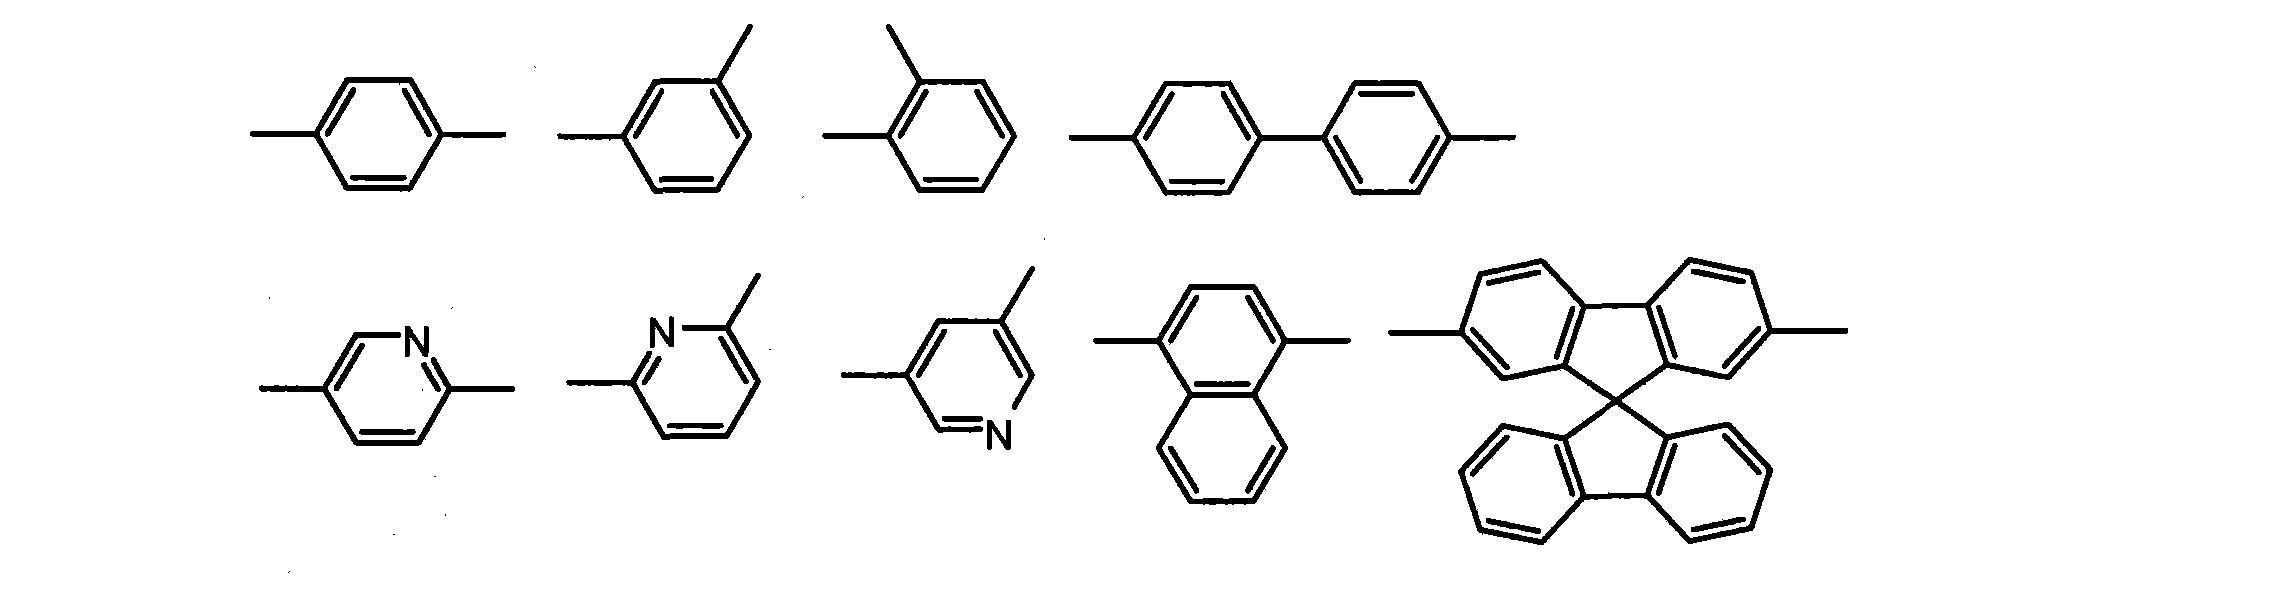 Figure CN101874316BD00591